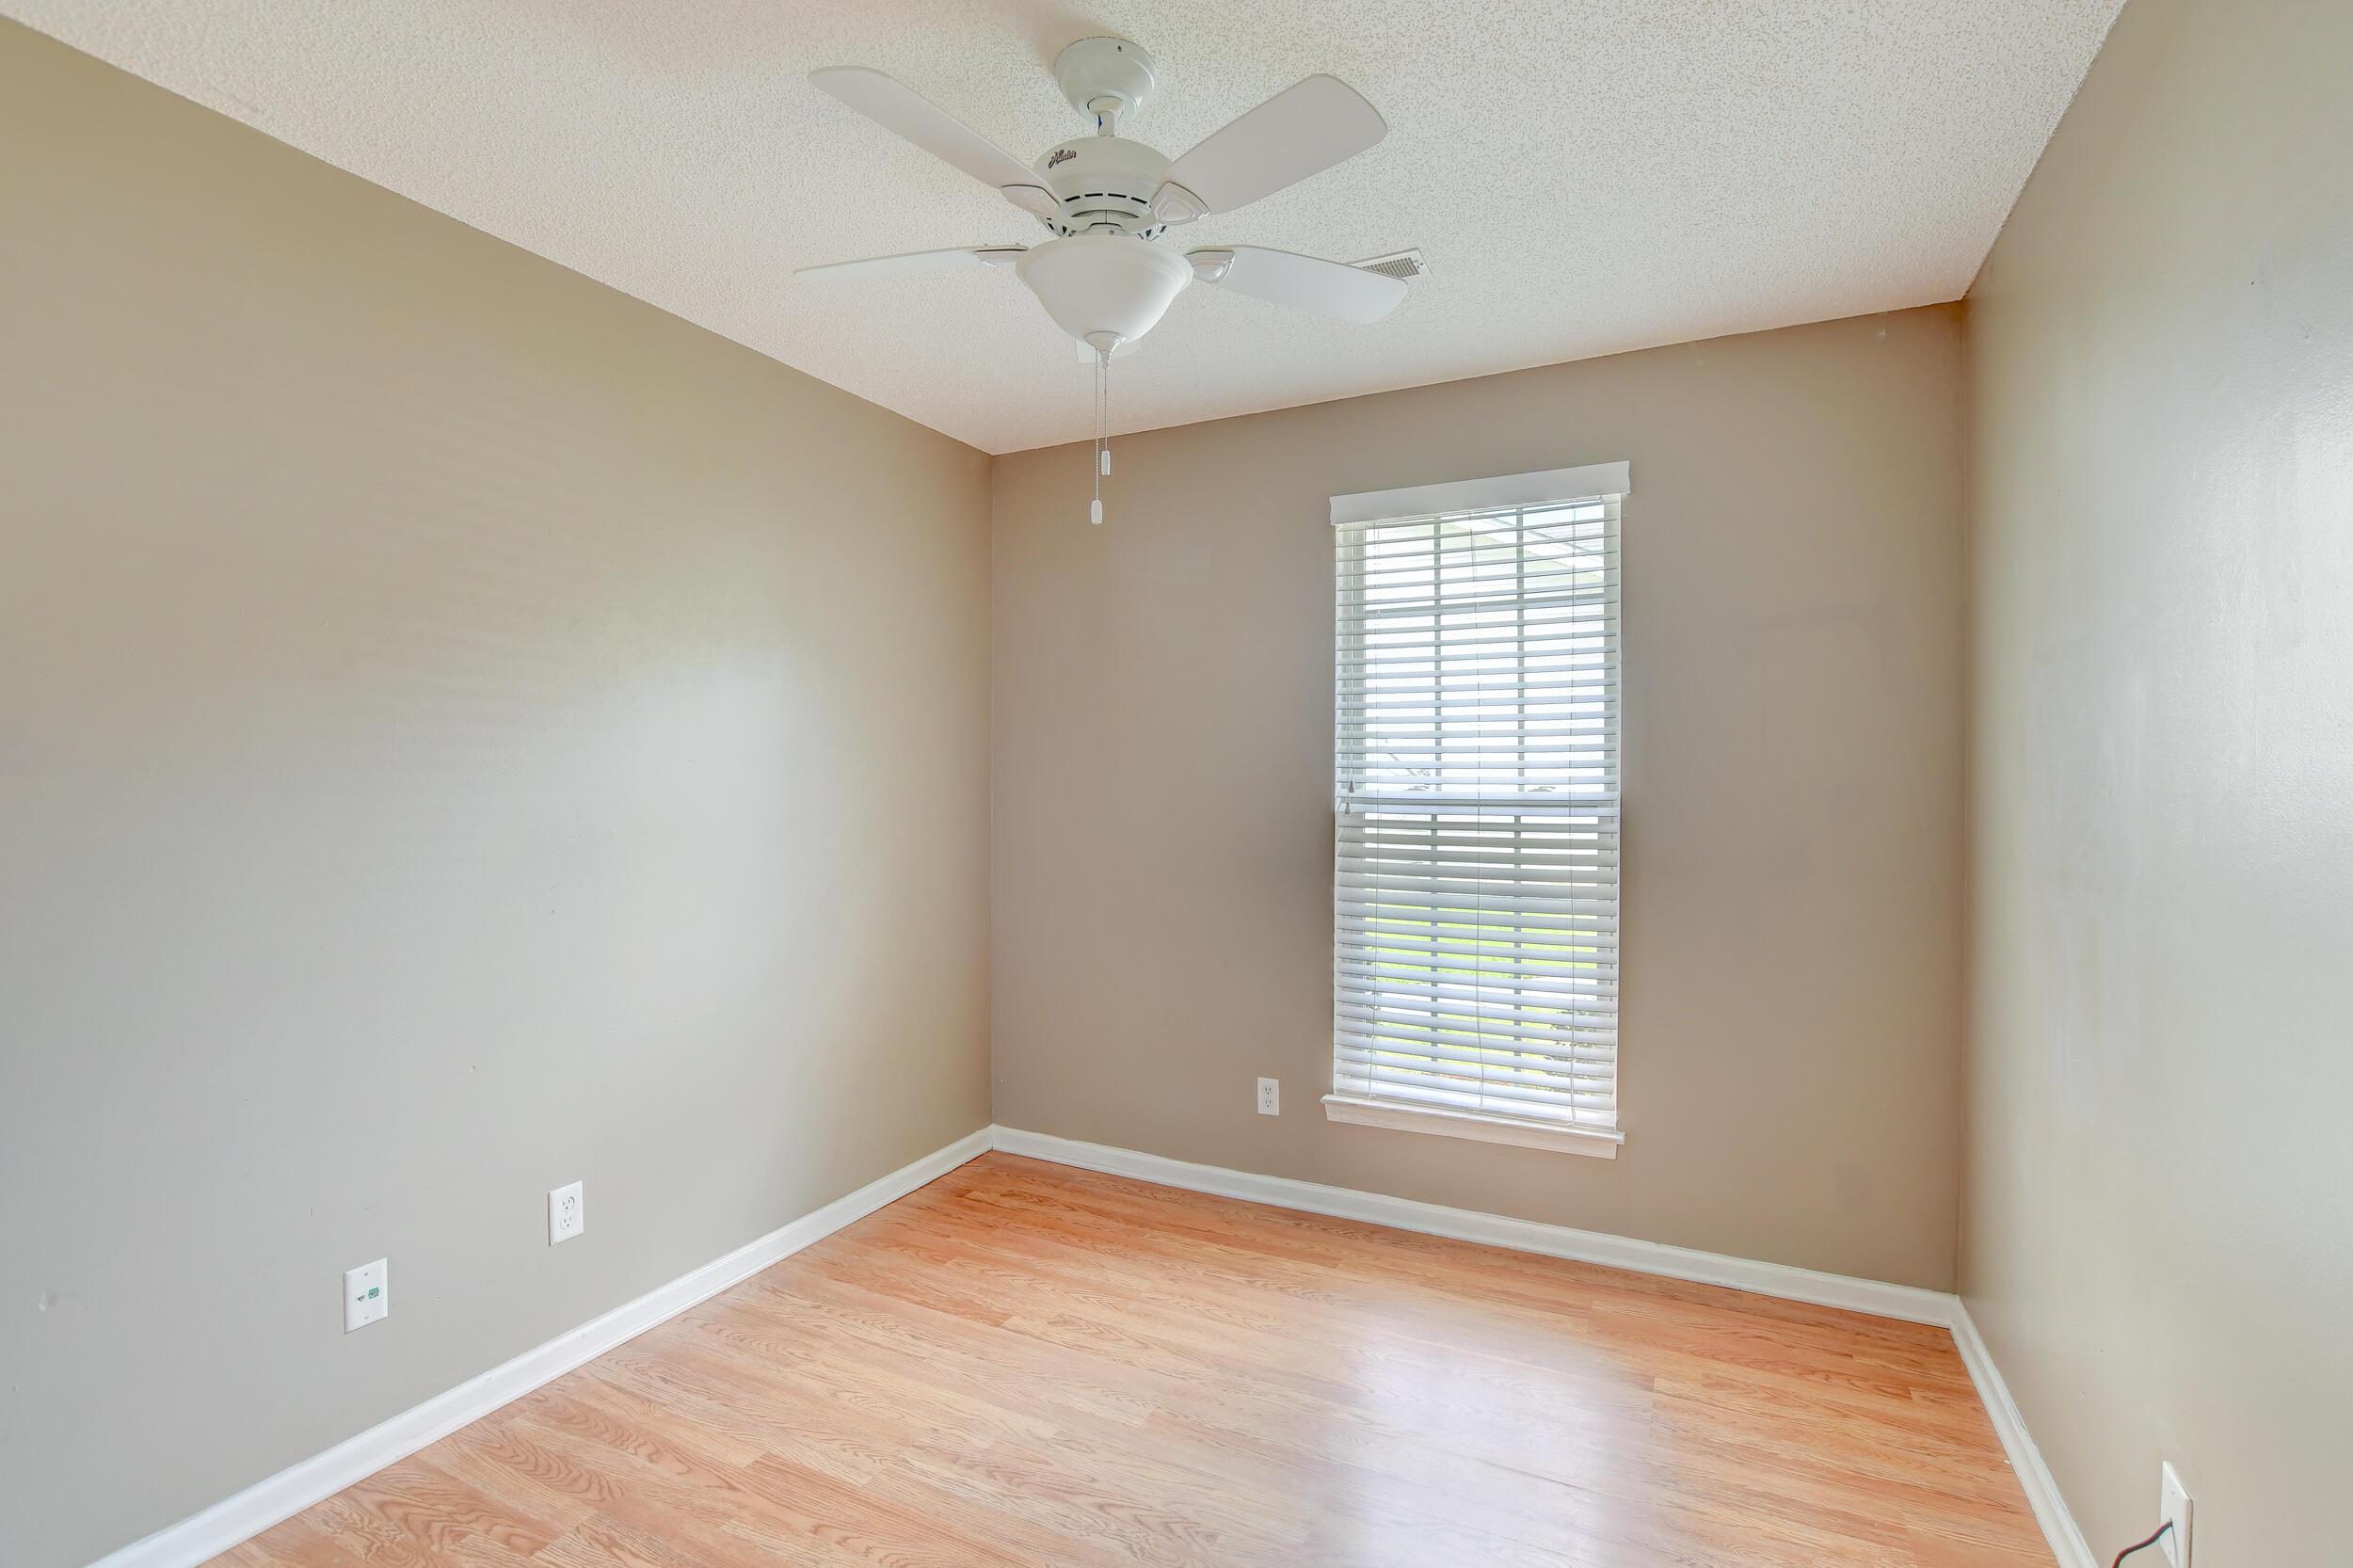 Crowfield Plantation Homes For Sale - 1010 Longview, Goose Creek, SC - 17